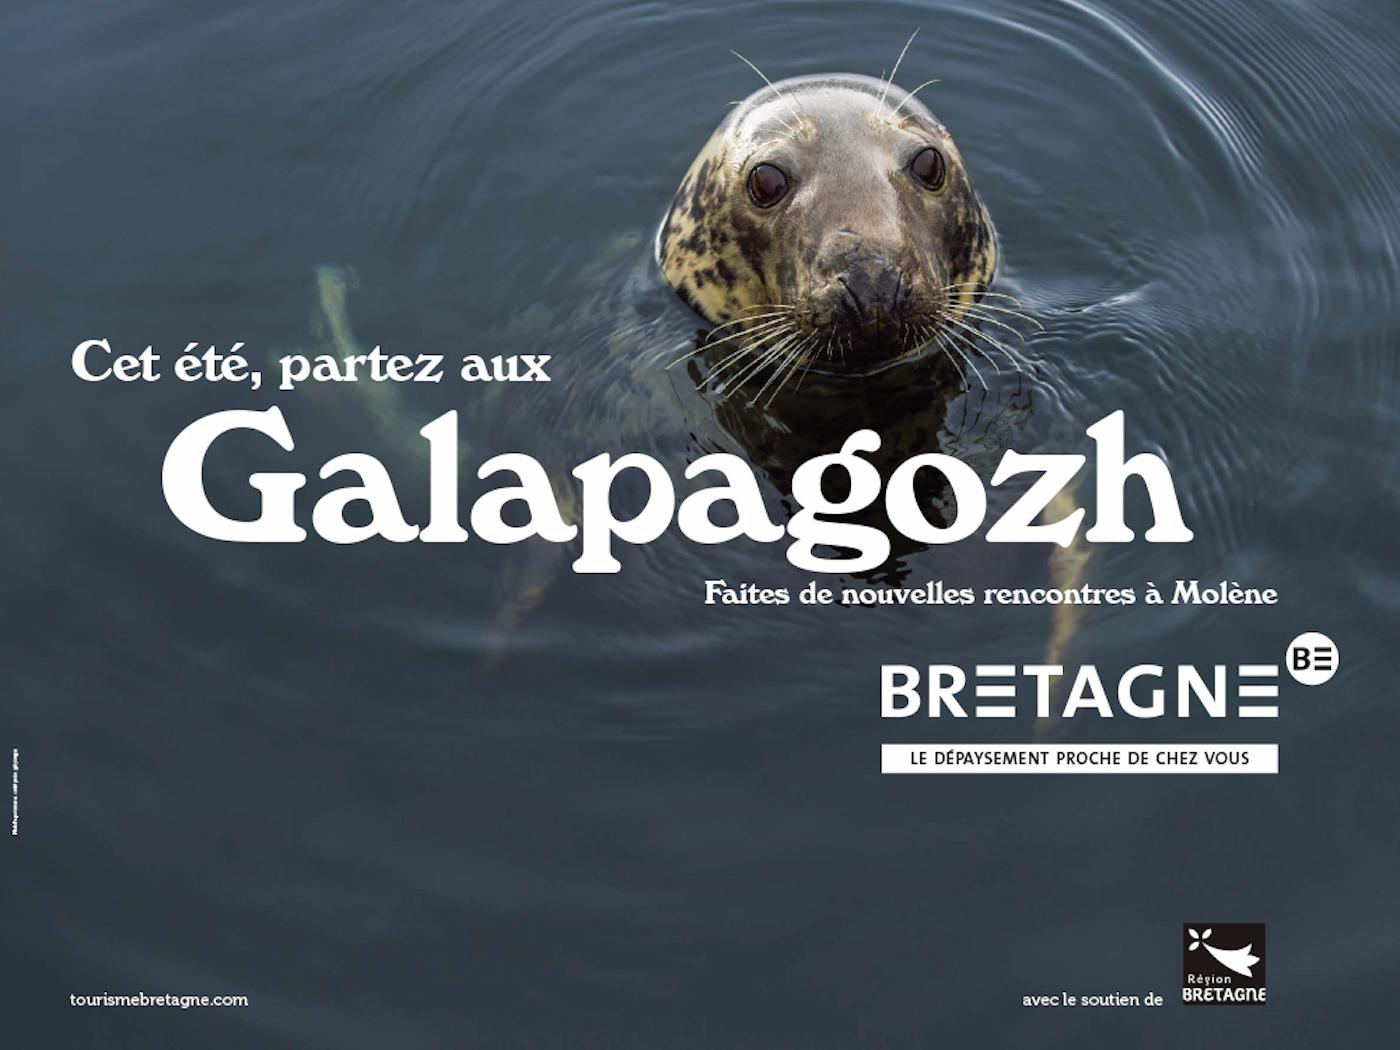 Galapagozh : la campagne de pub pour le tourisme en Bretagne